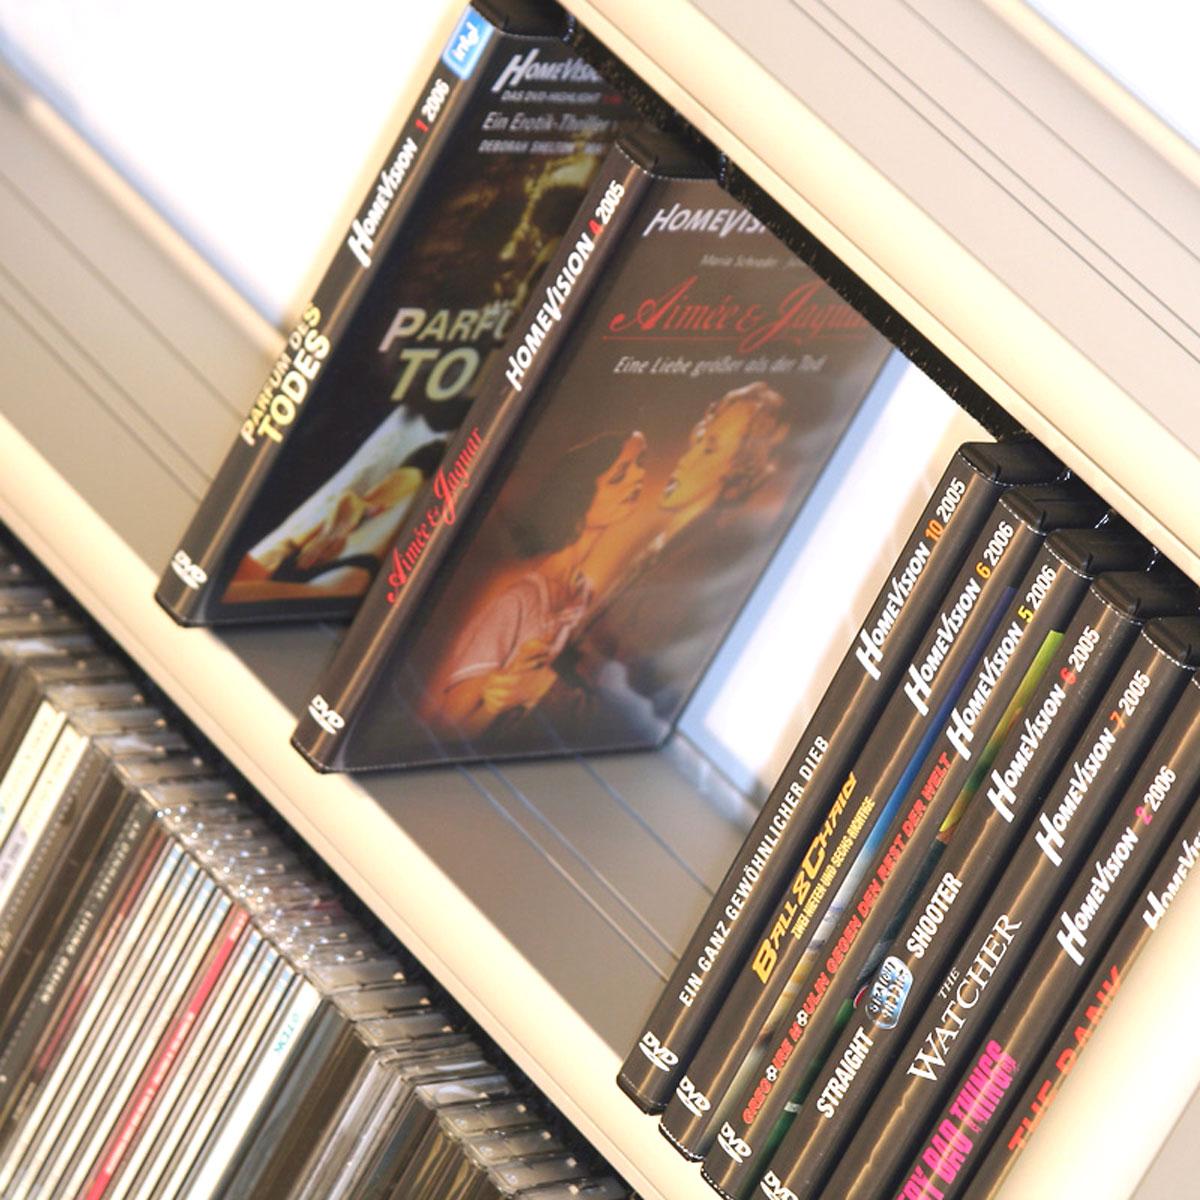 Klassisches CD-DVD Regal aus Aluminium. Modell Aluline von Technosign.